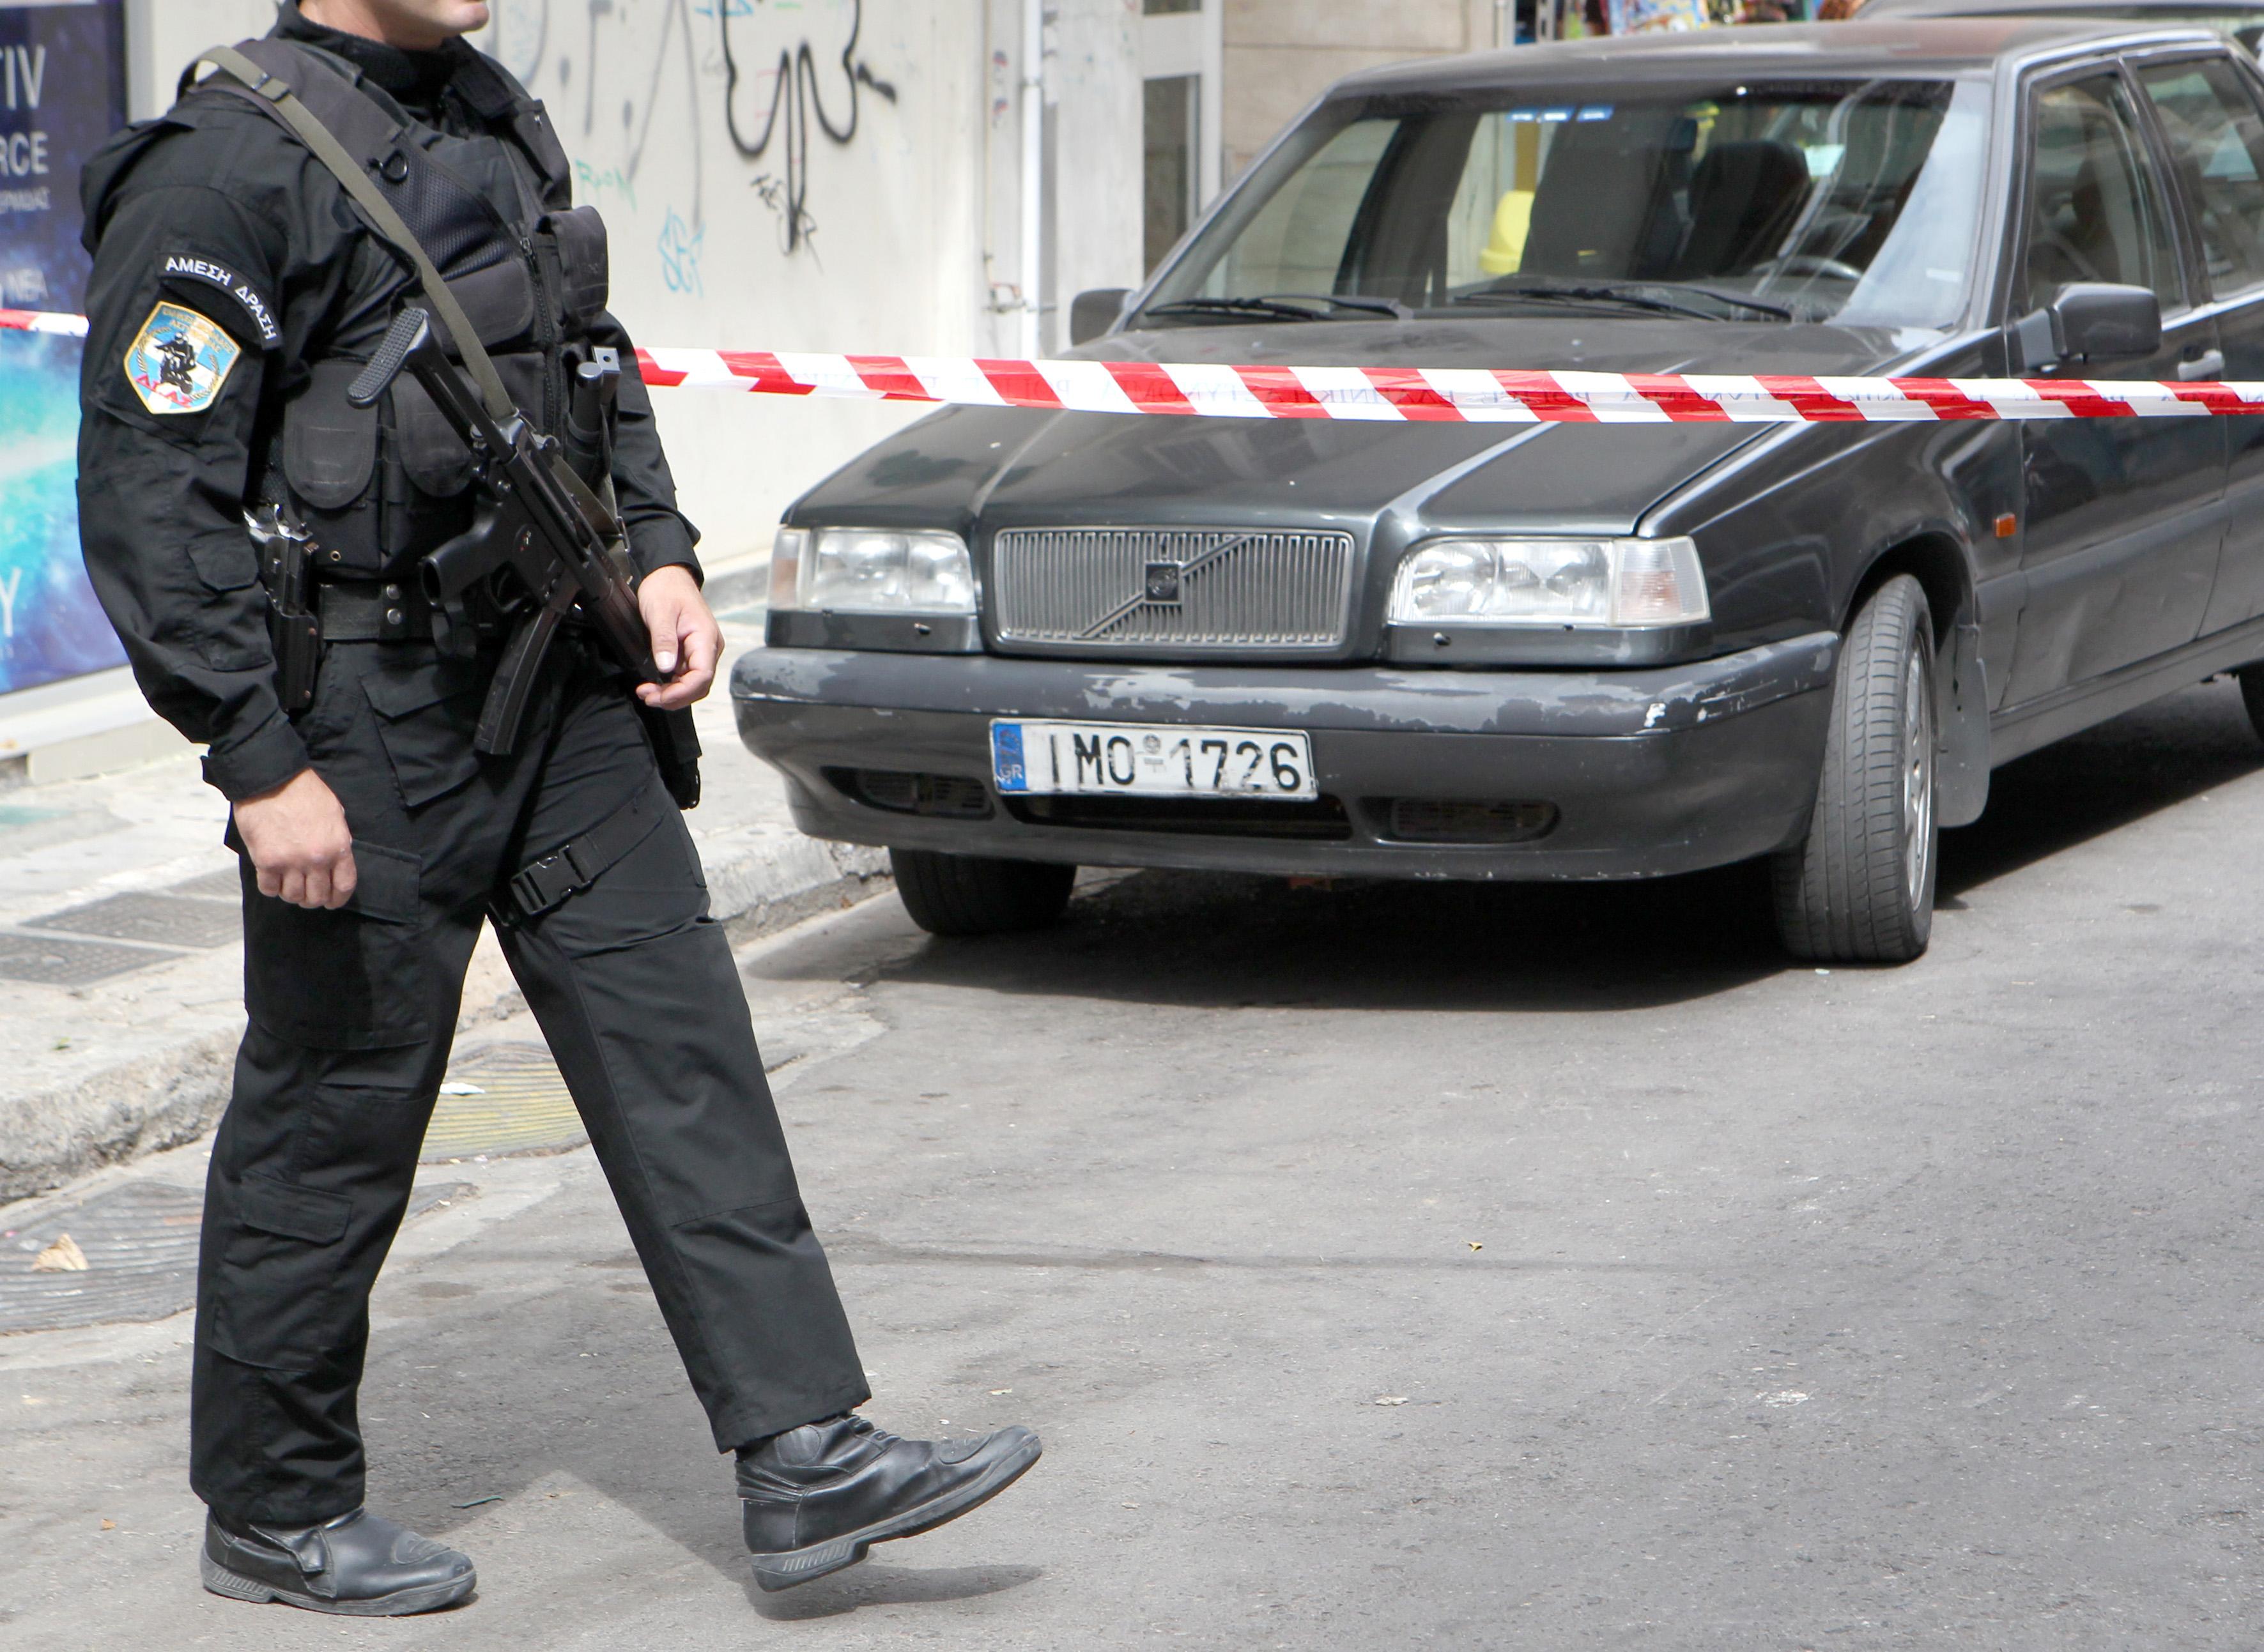 Αστυνομικοί έχουν αποκλείσει την οδό Αχαΐας στους Αμπελόκηπους, όπου άγνωστοι δράστες εγκατέλειψαν νωρίτερα αυτοκίνητο μάρκας Volvo, αφού προηγουμένως άνοιξαν πυρ με καλάσνικοφ κατά αστυνομικών της ομάδας Δίας, κατά τη διάρκεια ελέγχου, στην Αθήνα, Τετάρτη 17 Ιουλίου 2013. Αστυνομικοί που βρίσκονταν στην οδό Κεδρηνού, λίγα μέτρα από τη ΓΑΔΑ, προσπάθησαν να κάνουν έλεγχο στο όχημα στο οποίο επέβαιναν οι δράστες, που ήταν δύο ή τρεις, σύμφωνα με την αστυνομία. Οι δράστες αποβιβάσθηκαν από το όχημα και άρχισαν να πυροβολούν με τα καλάσνικοφ τους αστυνομικούς. Οι αστυνομικοί ανταπέδωσαν τα πυρά χωρίς να σημειωθεί τραυματισμός. Οι δράστες κατάφεραν να διαφύγουν, ενώ, μετά από λίγη ώρα, το αυτοκίνητο εντοπίστηκε εγκαταλελειμμένο σε κοντινό σημείο στους Αμπελόκηπους. Σε εξέλιξη είναι αυτή την ώρα αστυνομική επιχείρηση για τον εντοπισμό των δραστών ΑΠΕ-ΜΠΕ/ΑΠΕ-ΜΠΕ/Παντελής Σαίτας